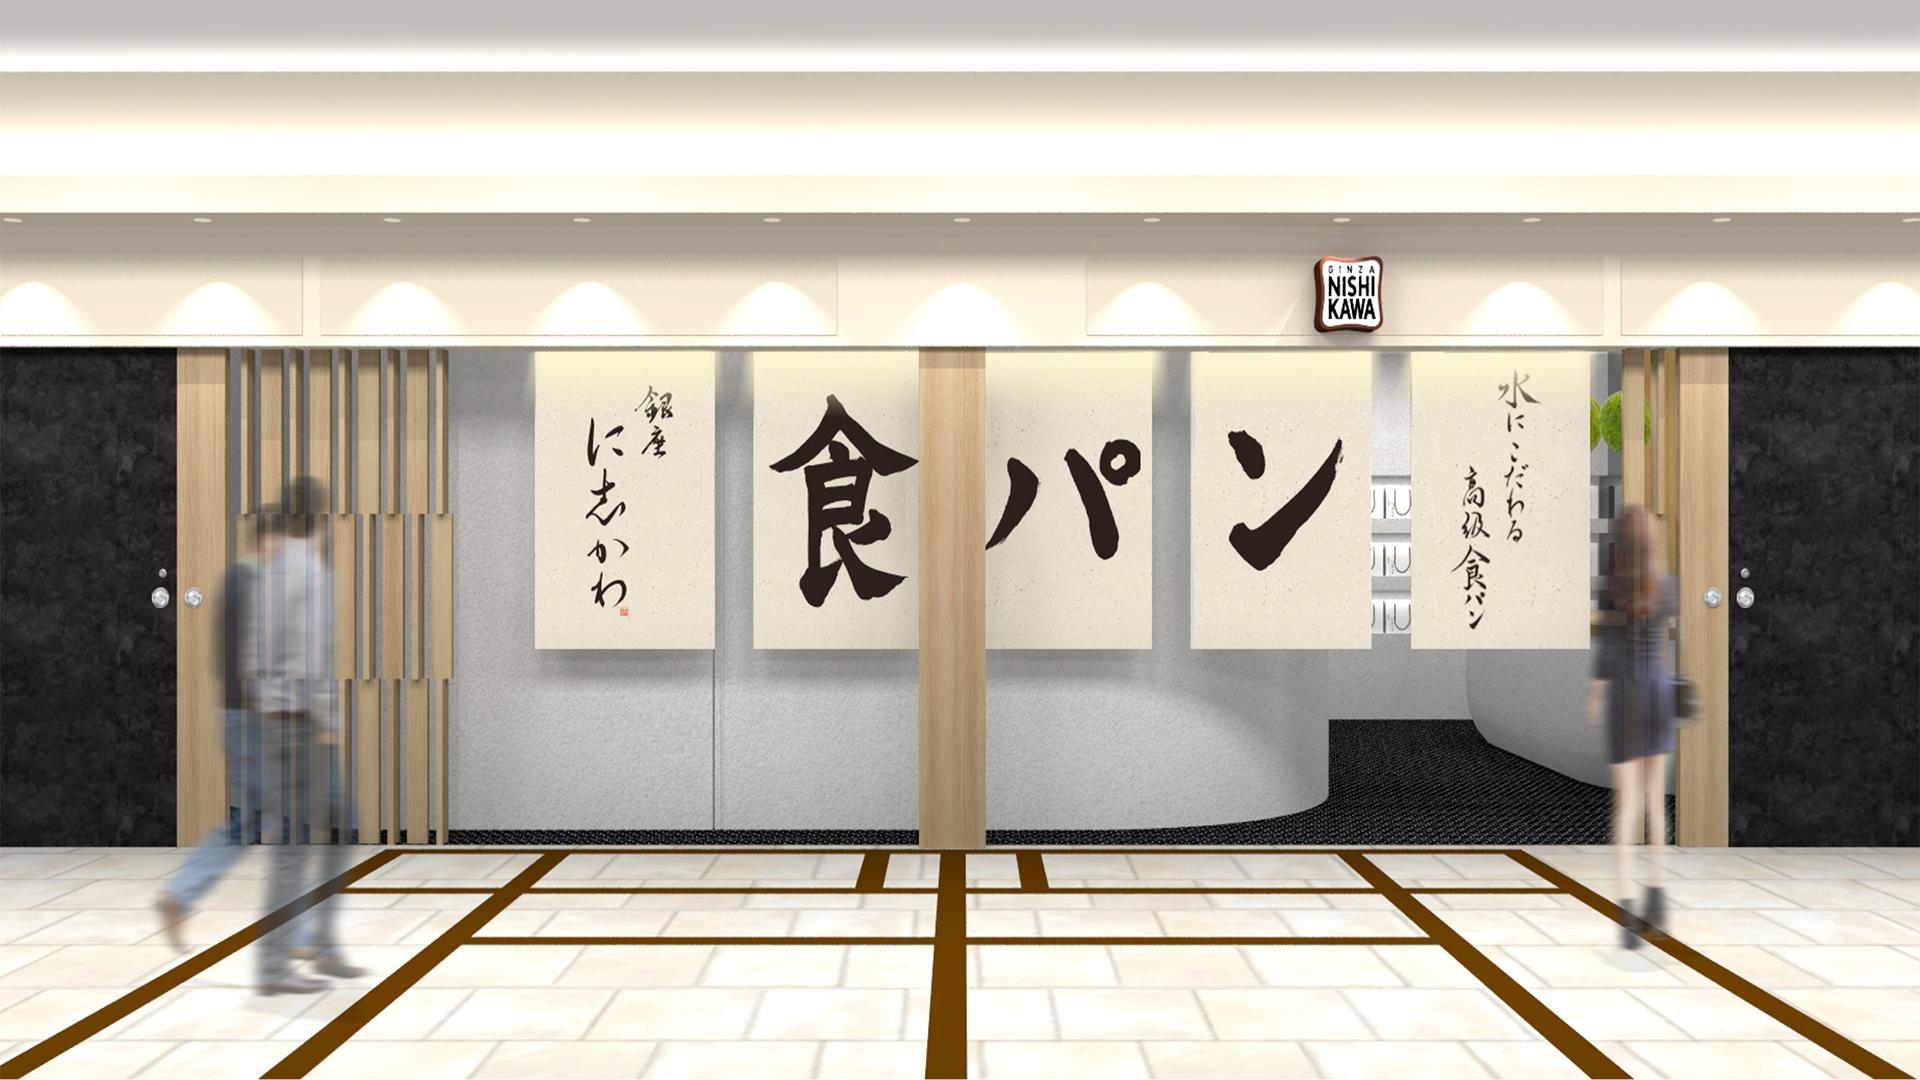 姫路 コロナ 兵庫 県 兵庫県 137人が新型コロナウイルスに感染